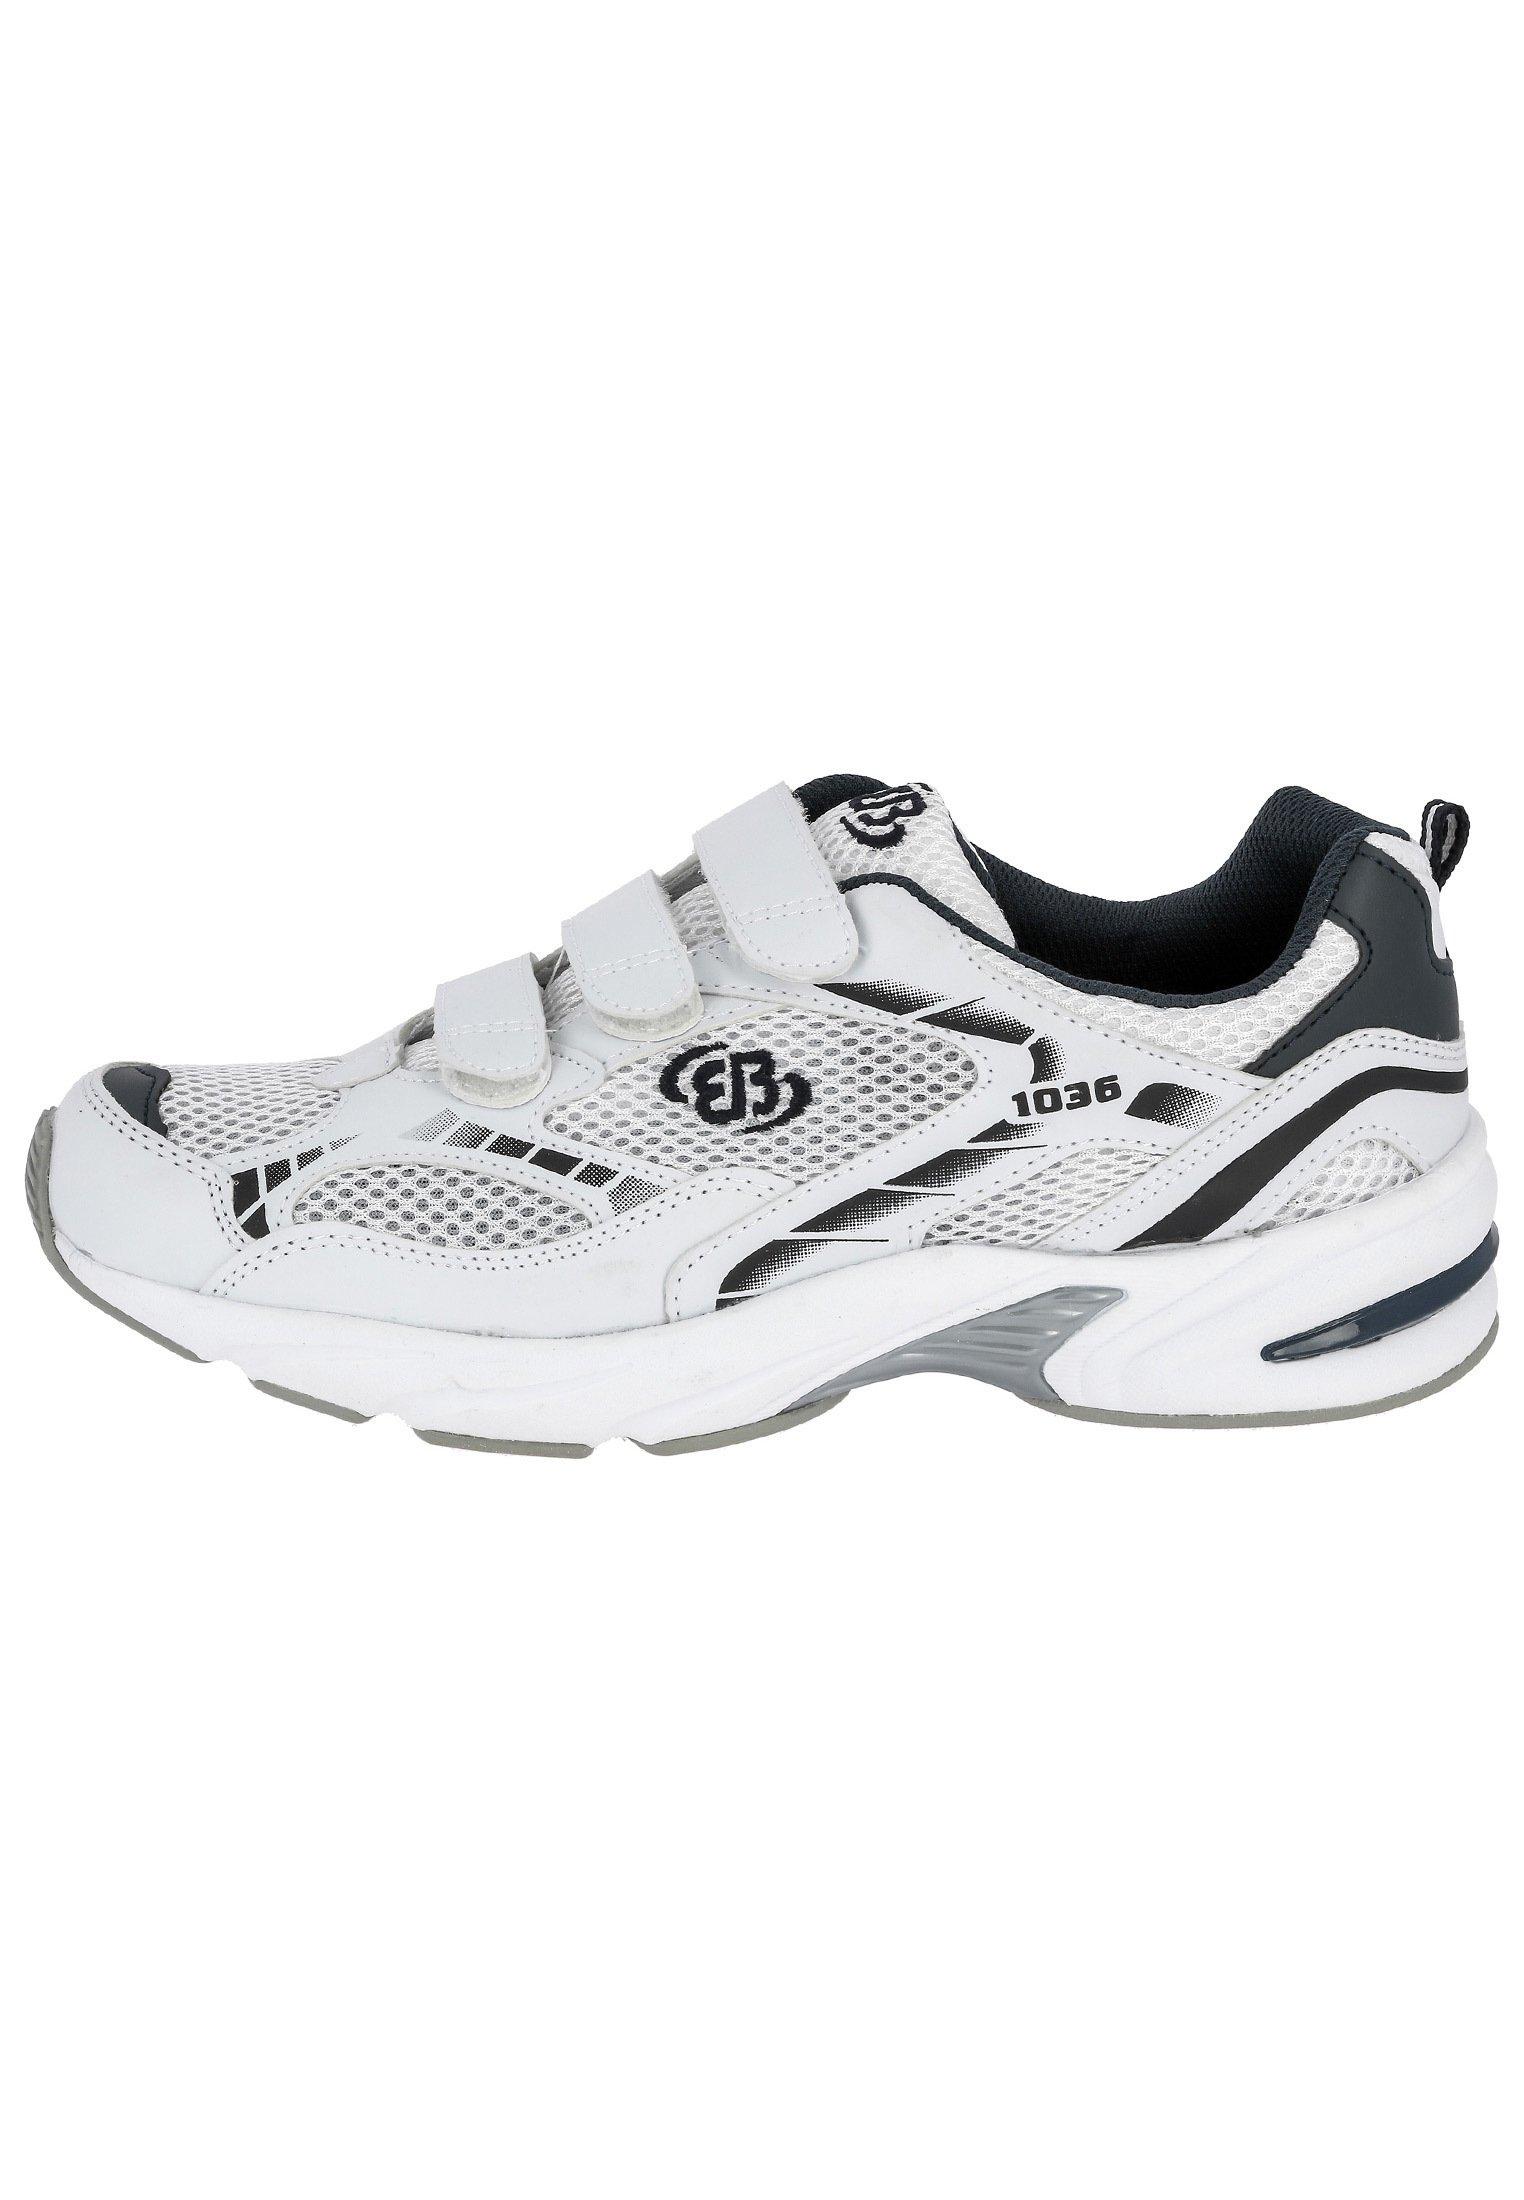 Brütting Schuhe günstig online kaufen |